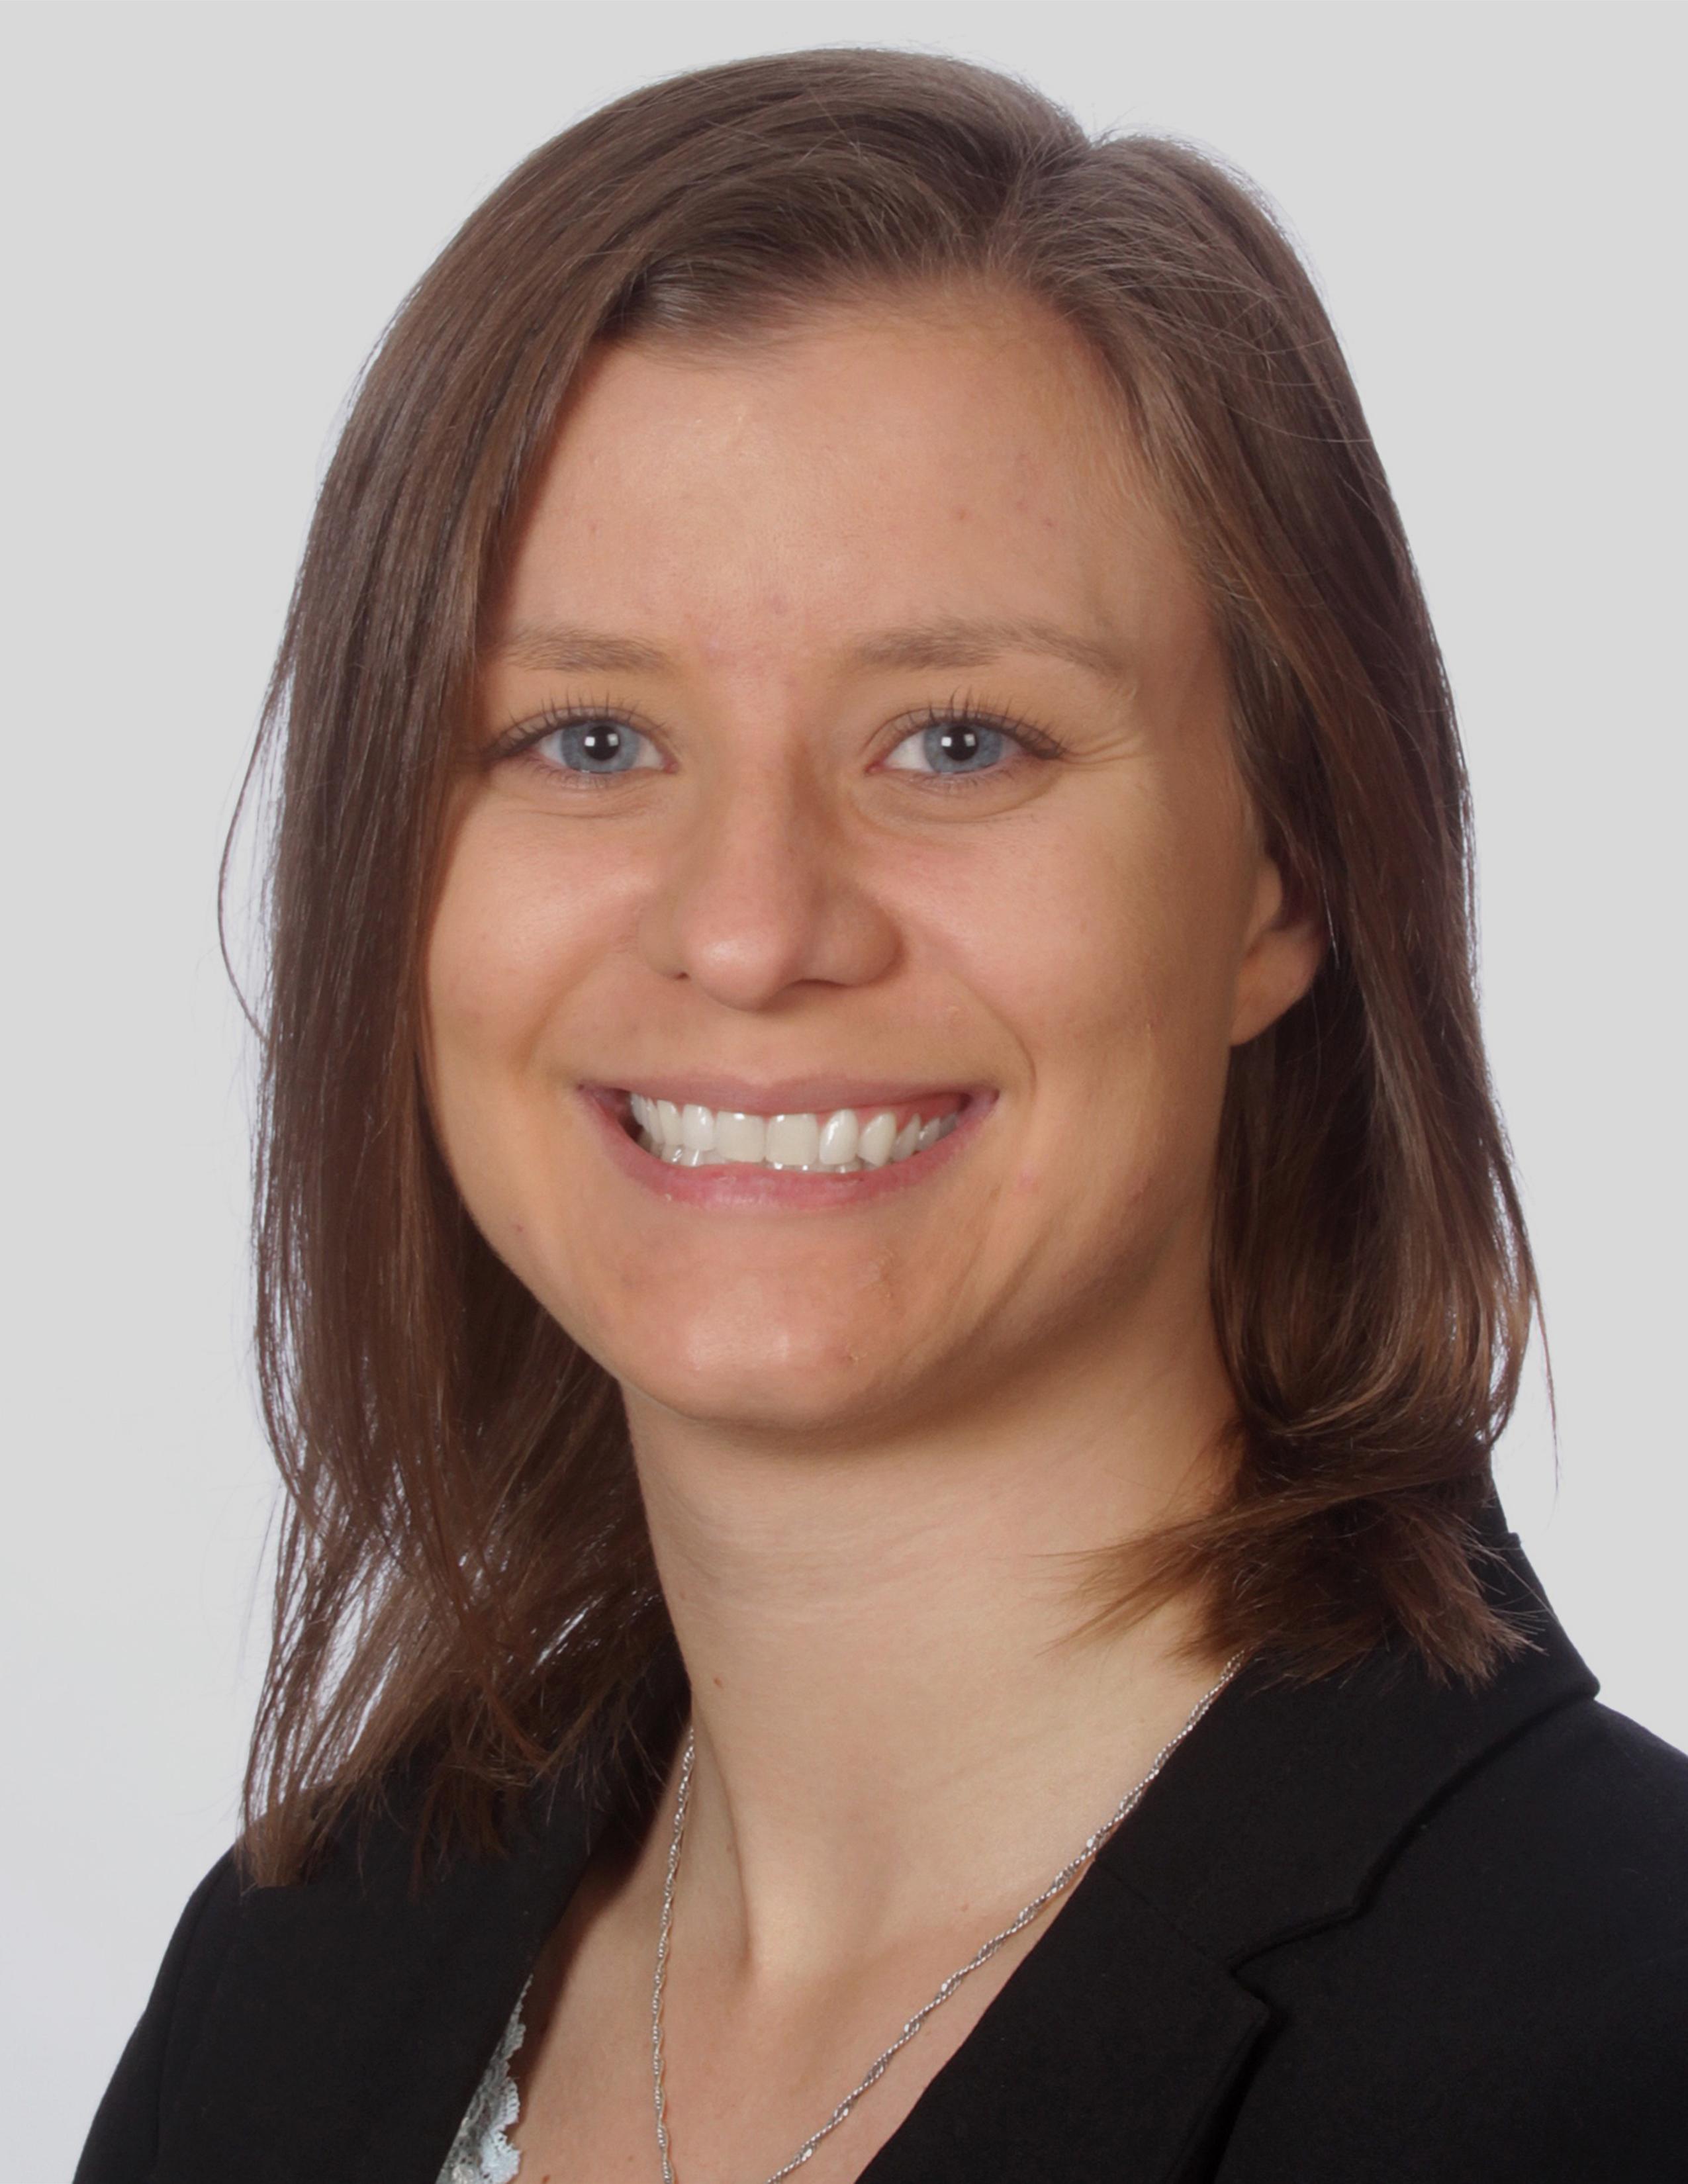 Rachel Katch